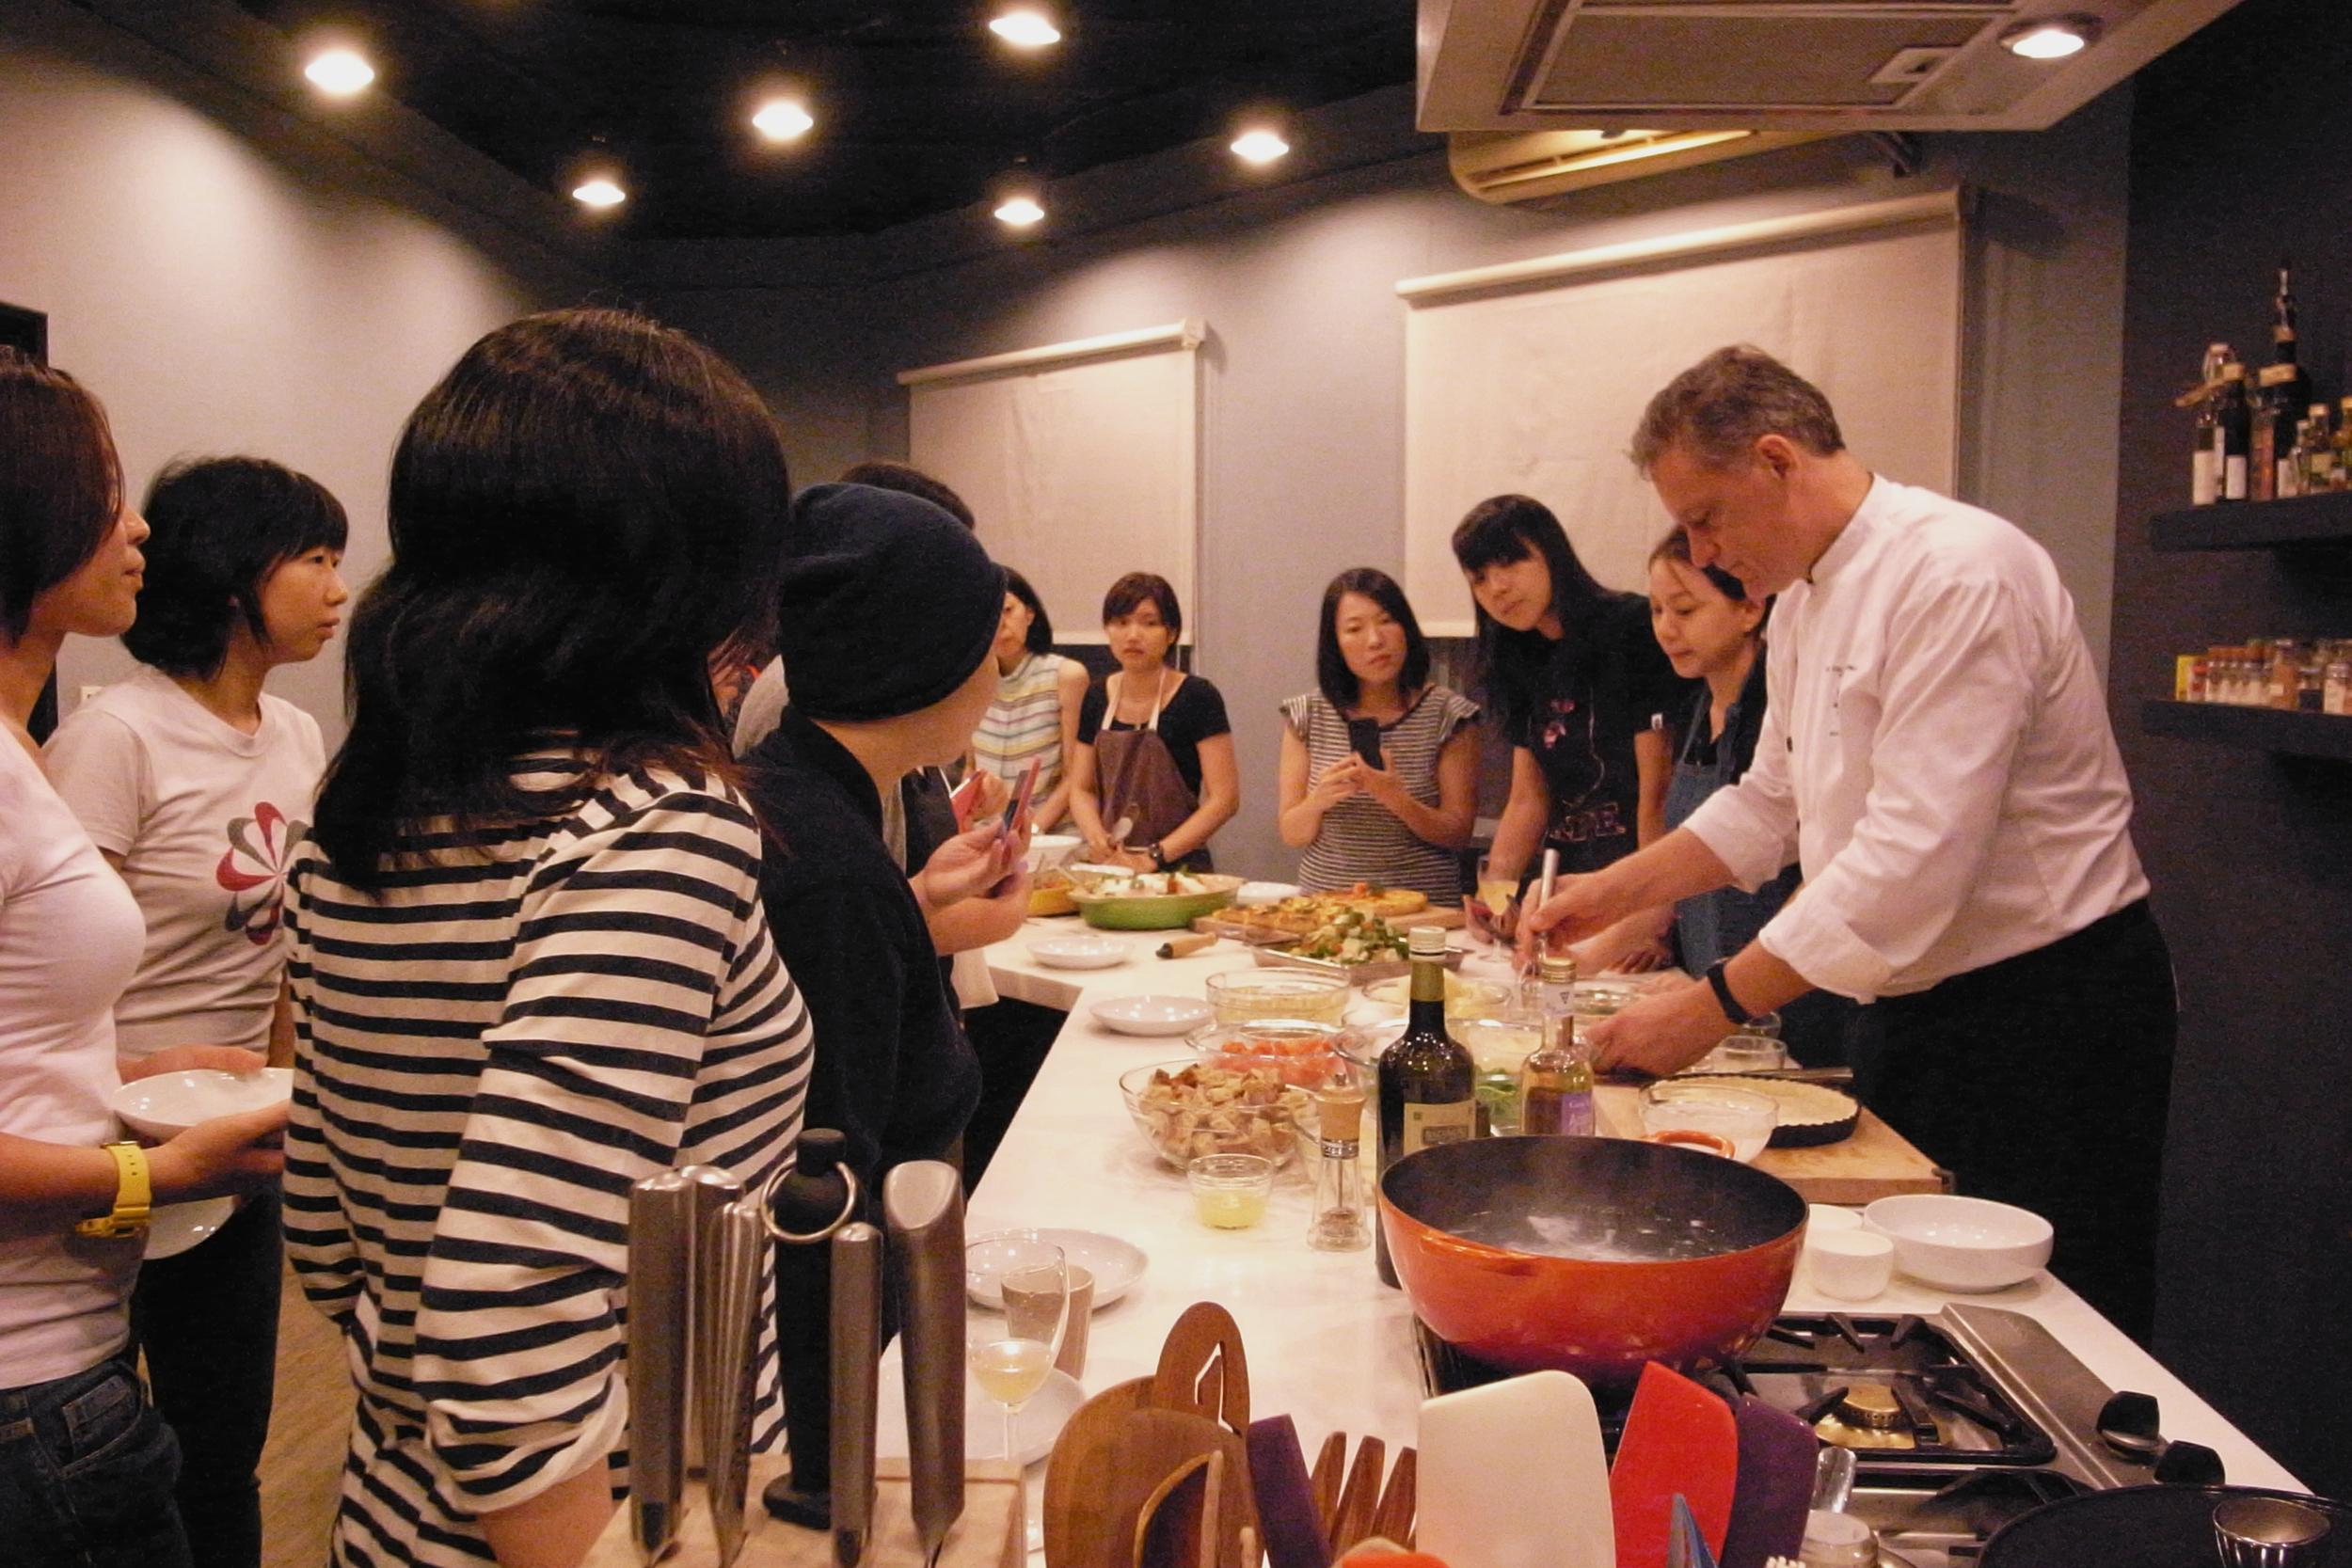 主廚邊做,學員們看著學著品嚐著